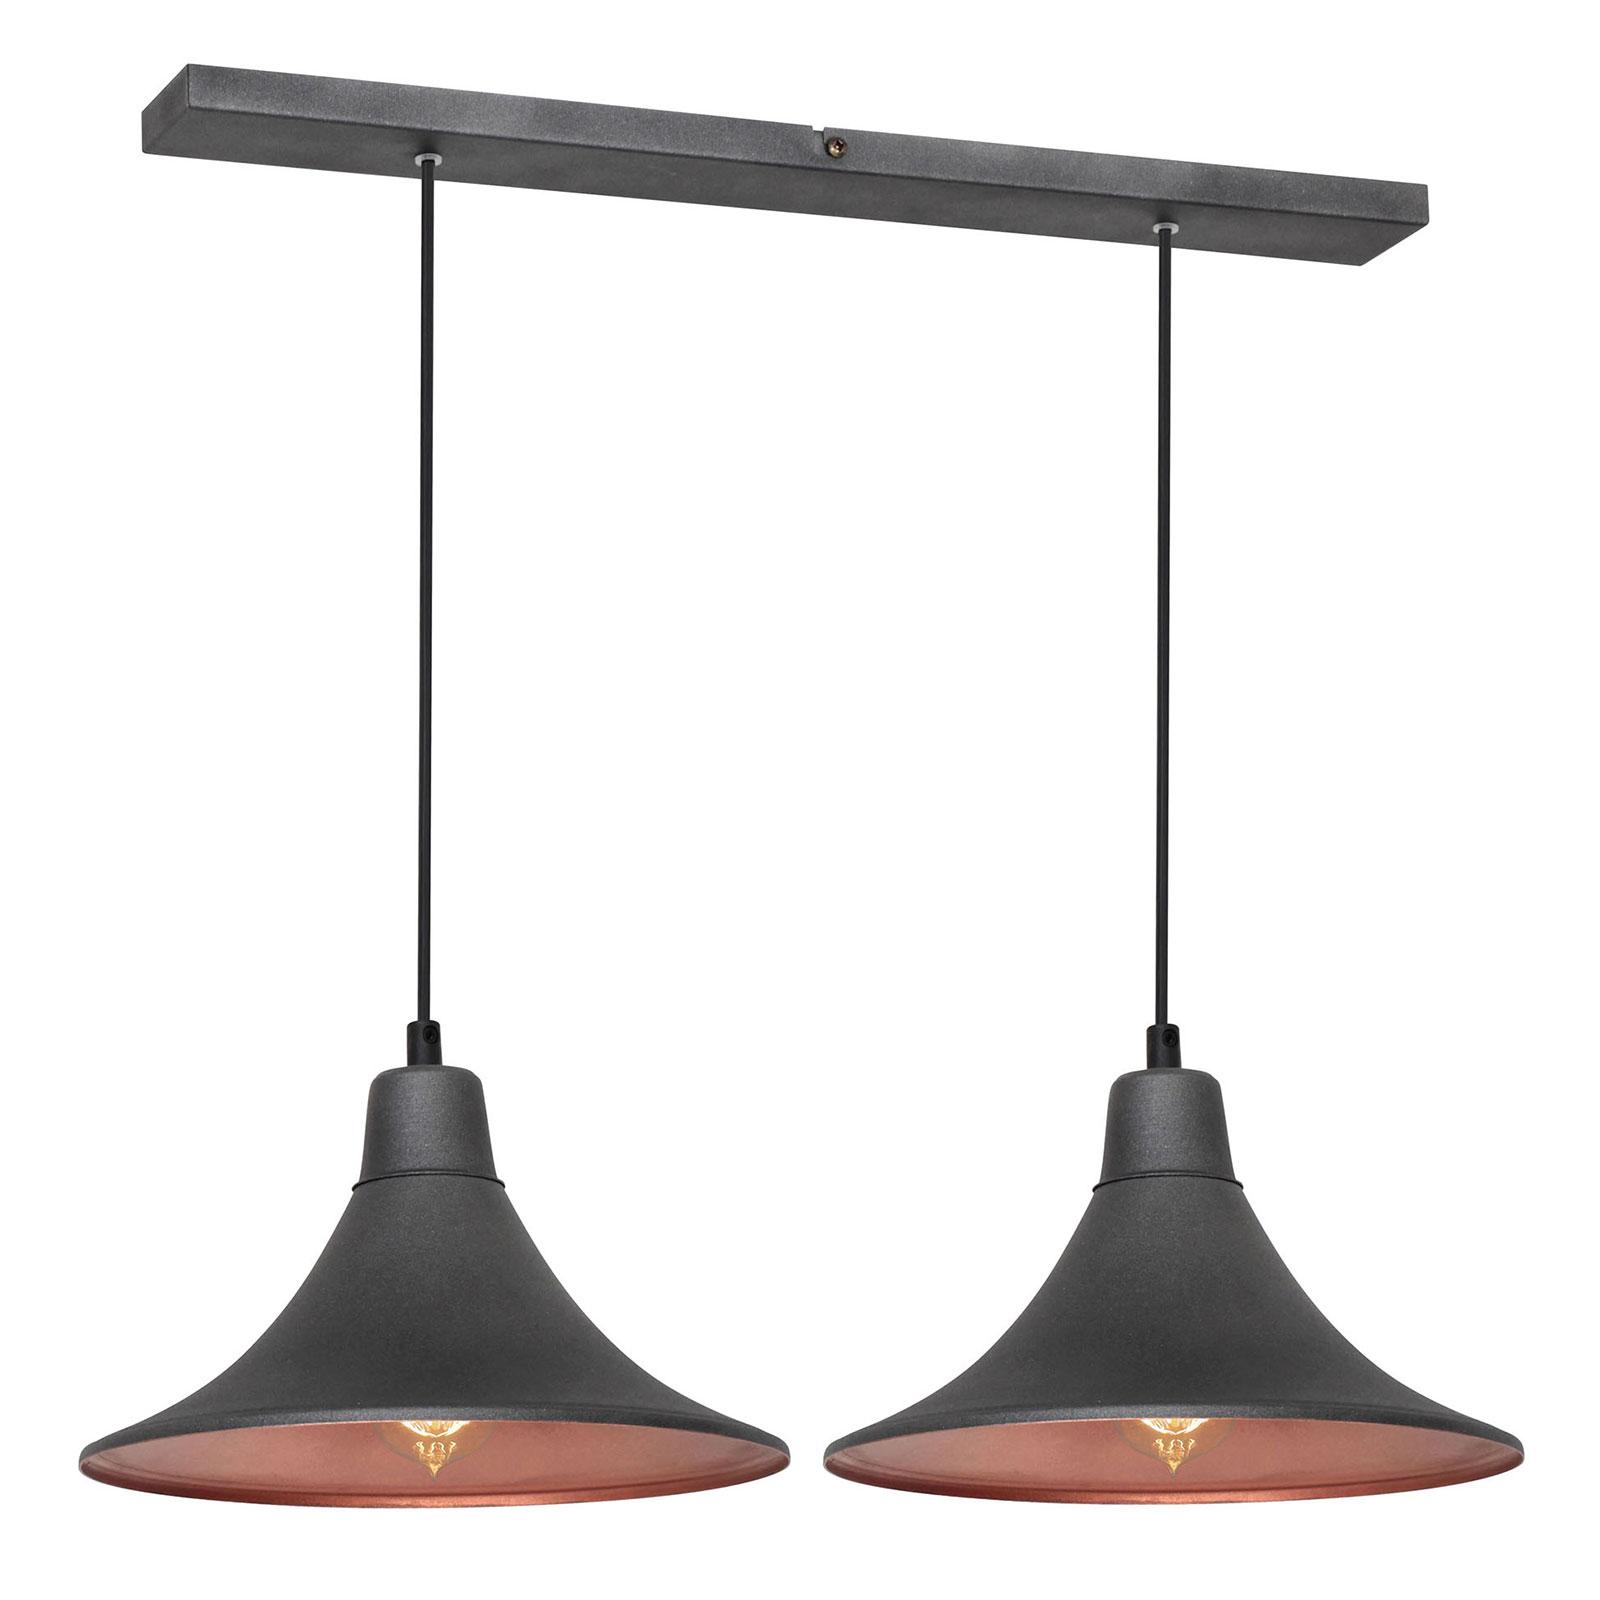 Hængelampe 785, 2 lyskilder, grafit/kobber